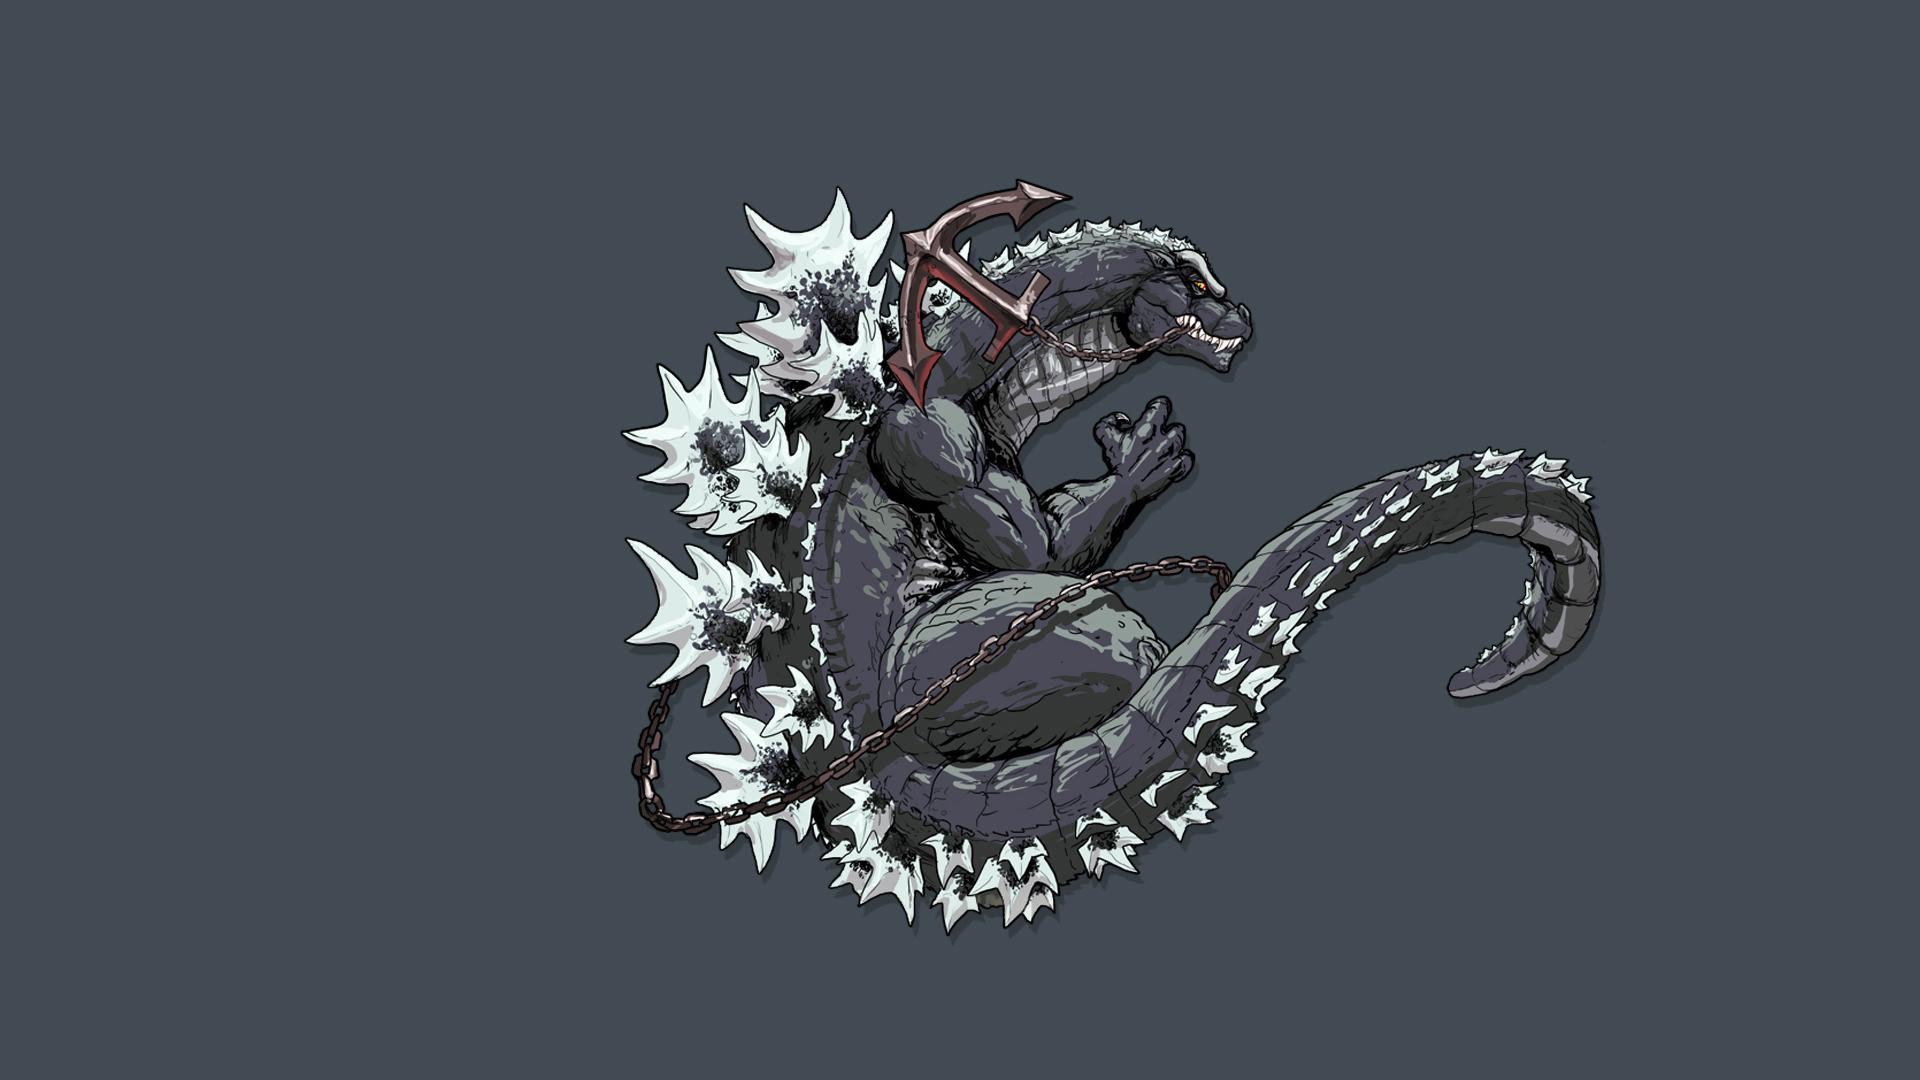 Godzilla monster ART dinosaur tail anchor